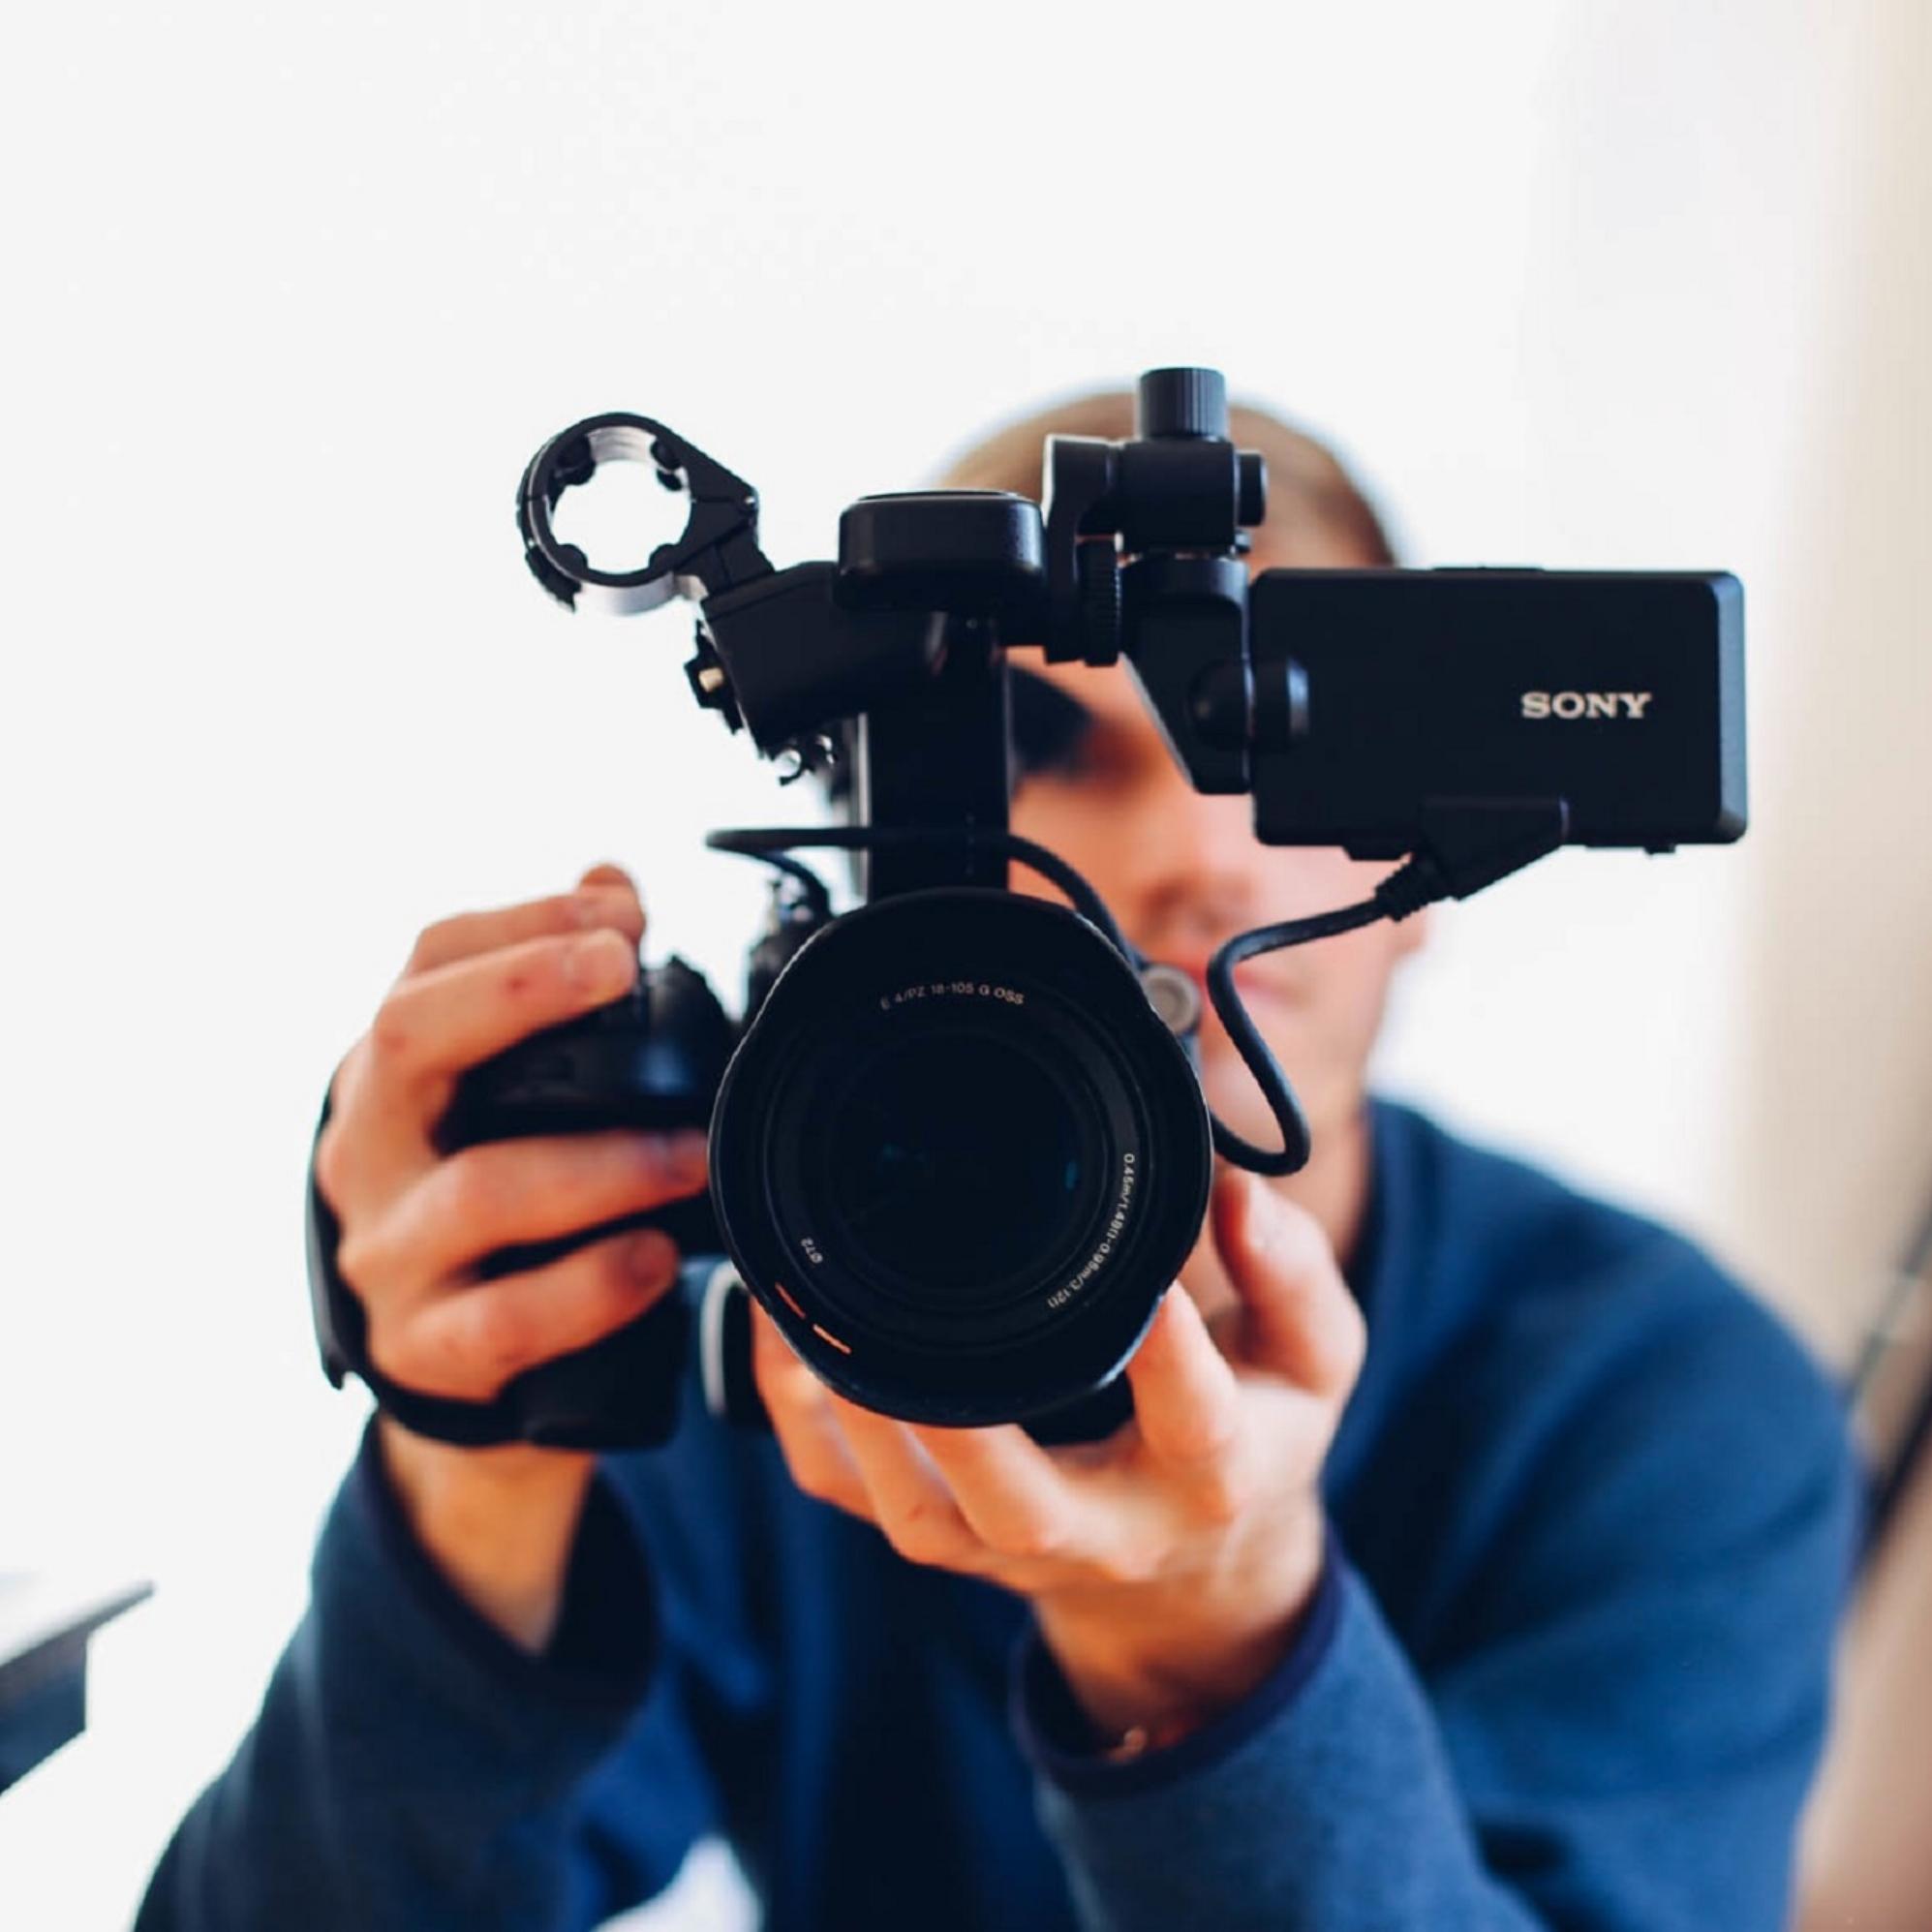 Optag firmaets næste reklamefilm og konkurrer mod de andre hold, om at indspille den bedste film. Vi sørger for et et fedt setup, hvor opgaver som manuskript, rollefordeling og redigerings færdigheder, skal indgå i løsningen på opgaven. Vi medbringer alt udstyr til denne aktivitet. -